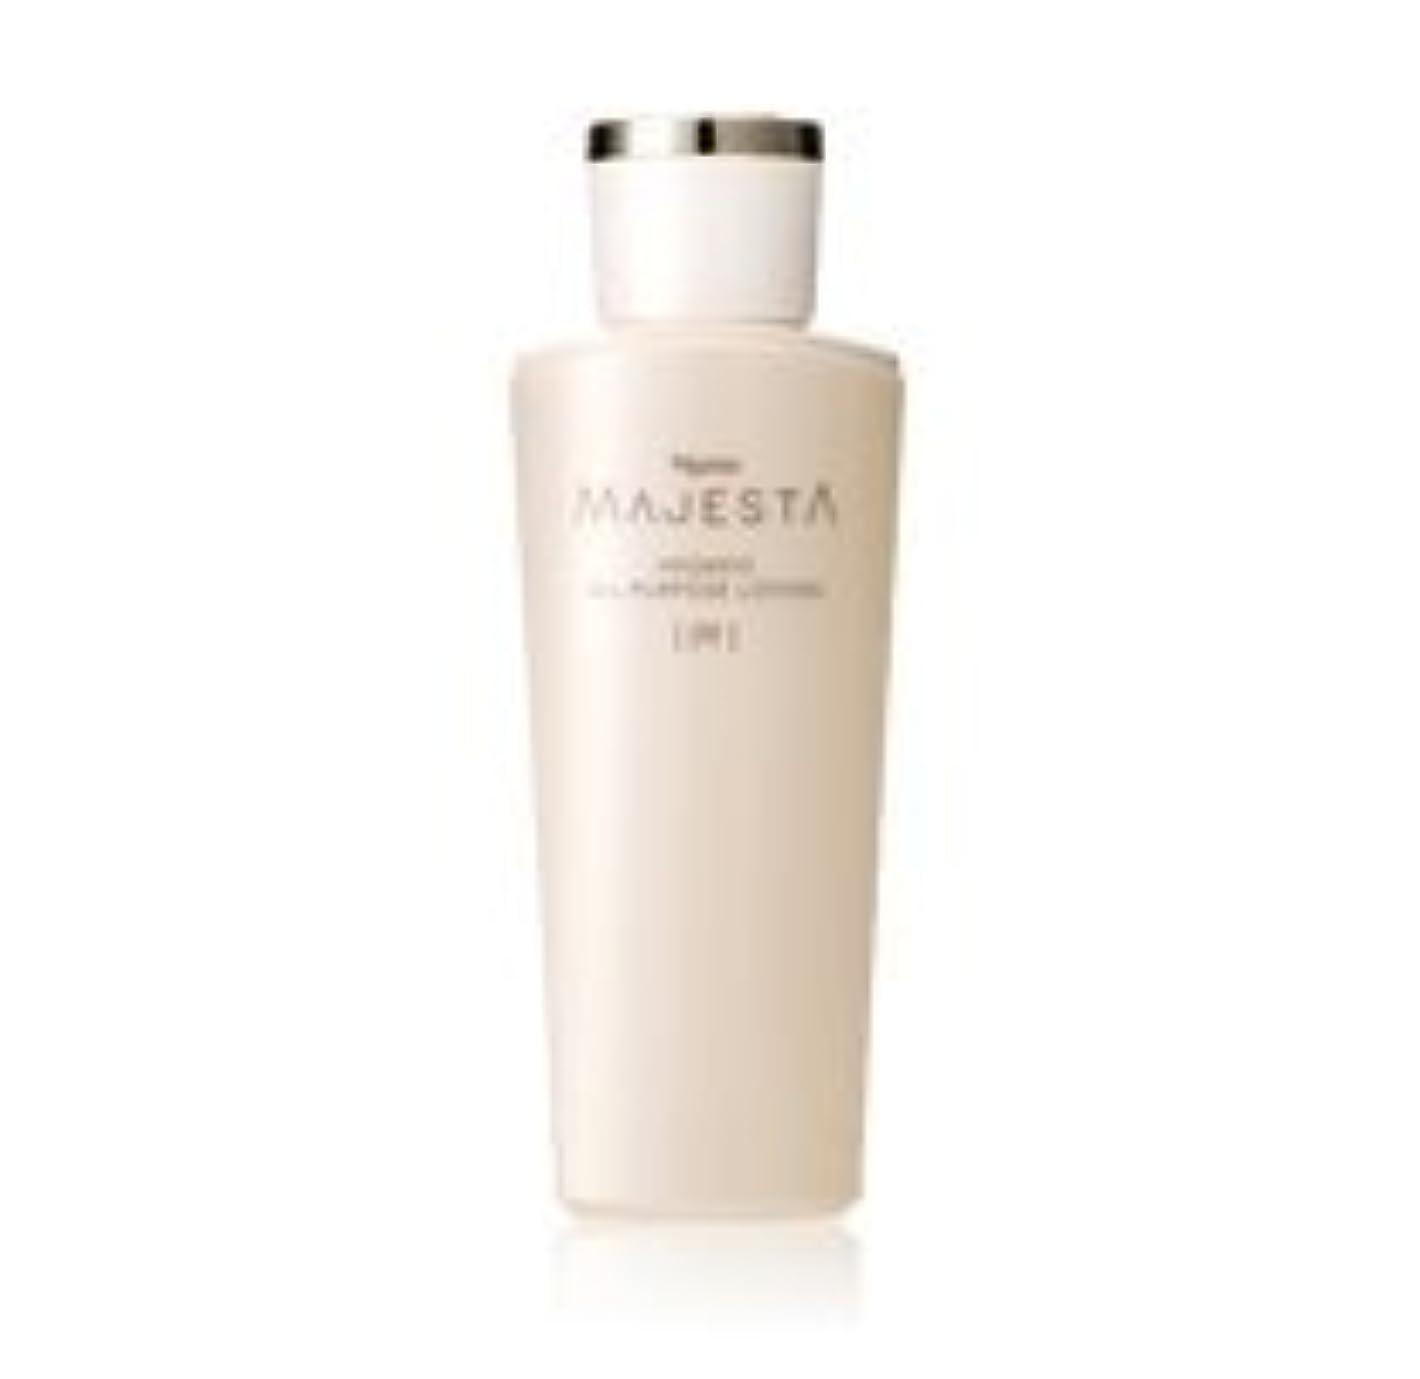 池酸化する雇用ナリス化粧品 マジェスタネオアクシス オールパーパスローションN 180ml